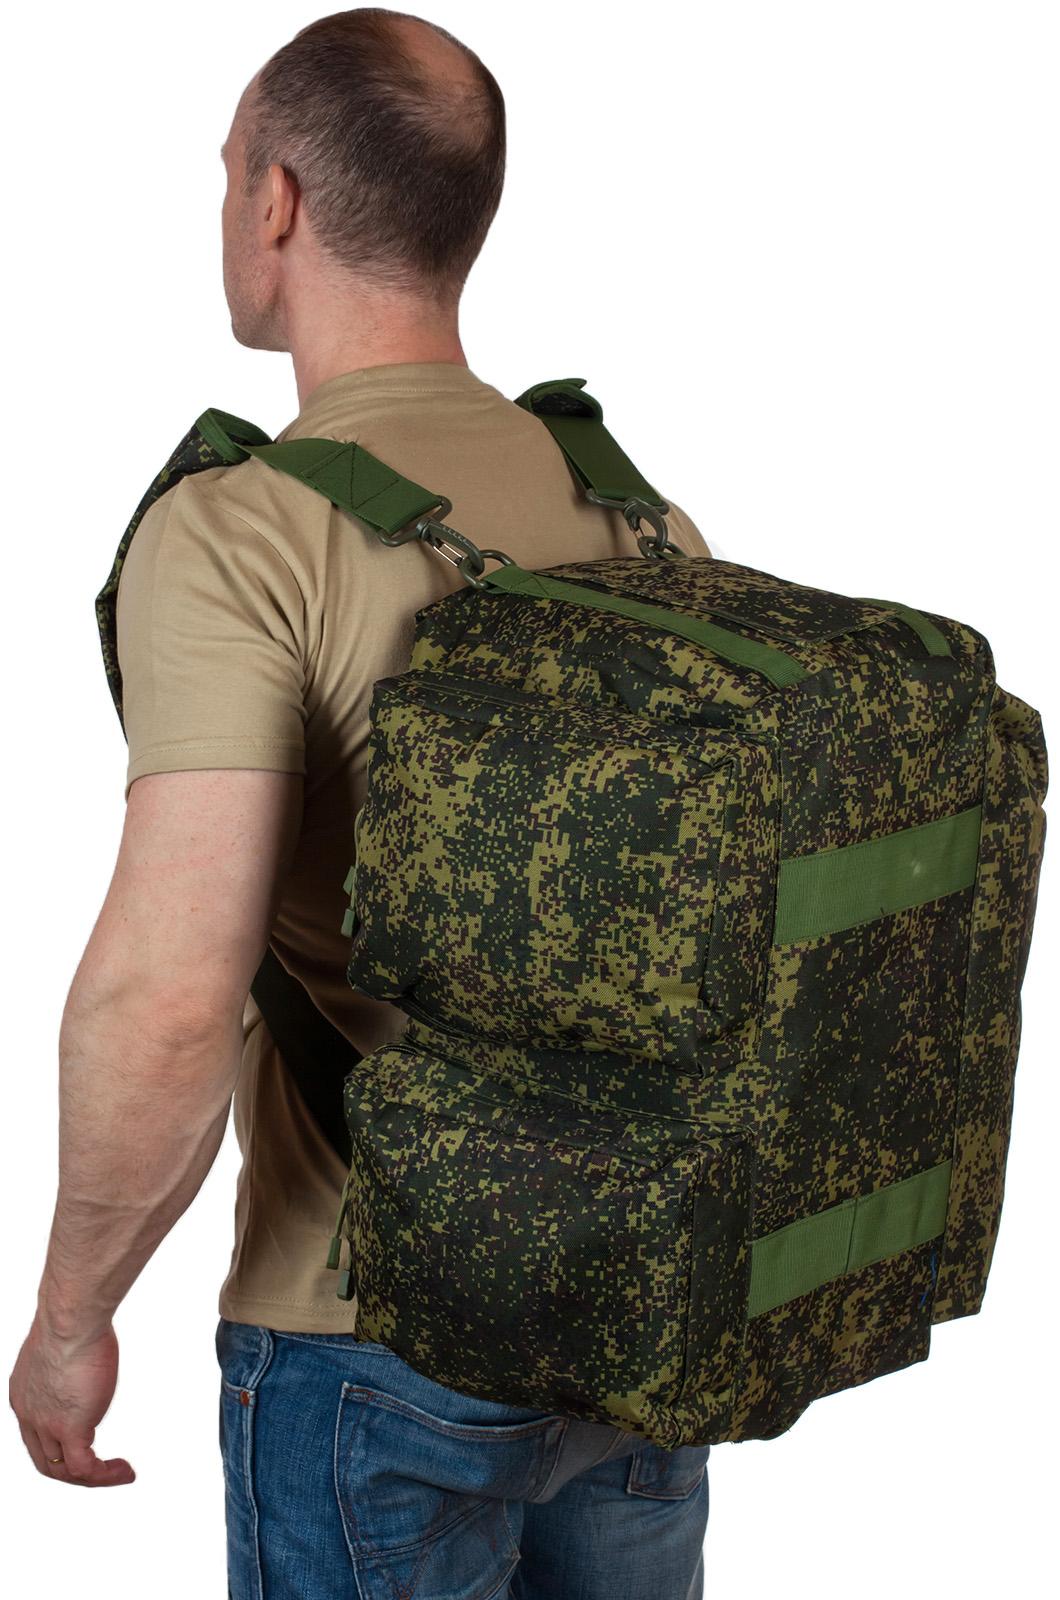 Купить в Москве качественную армейскую сумку «Морпех»